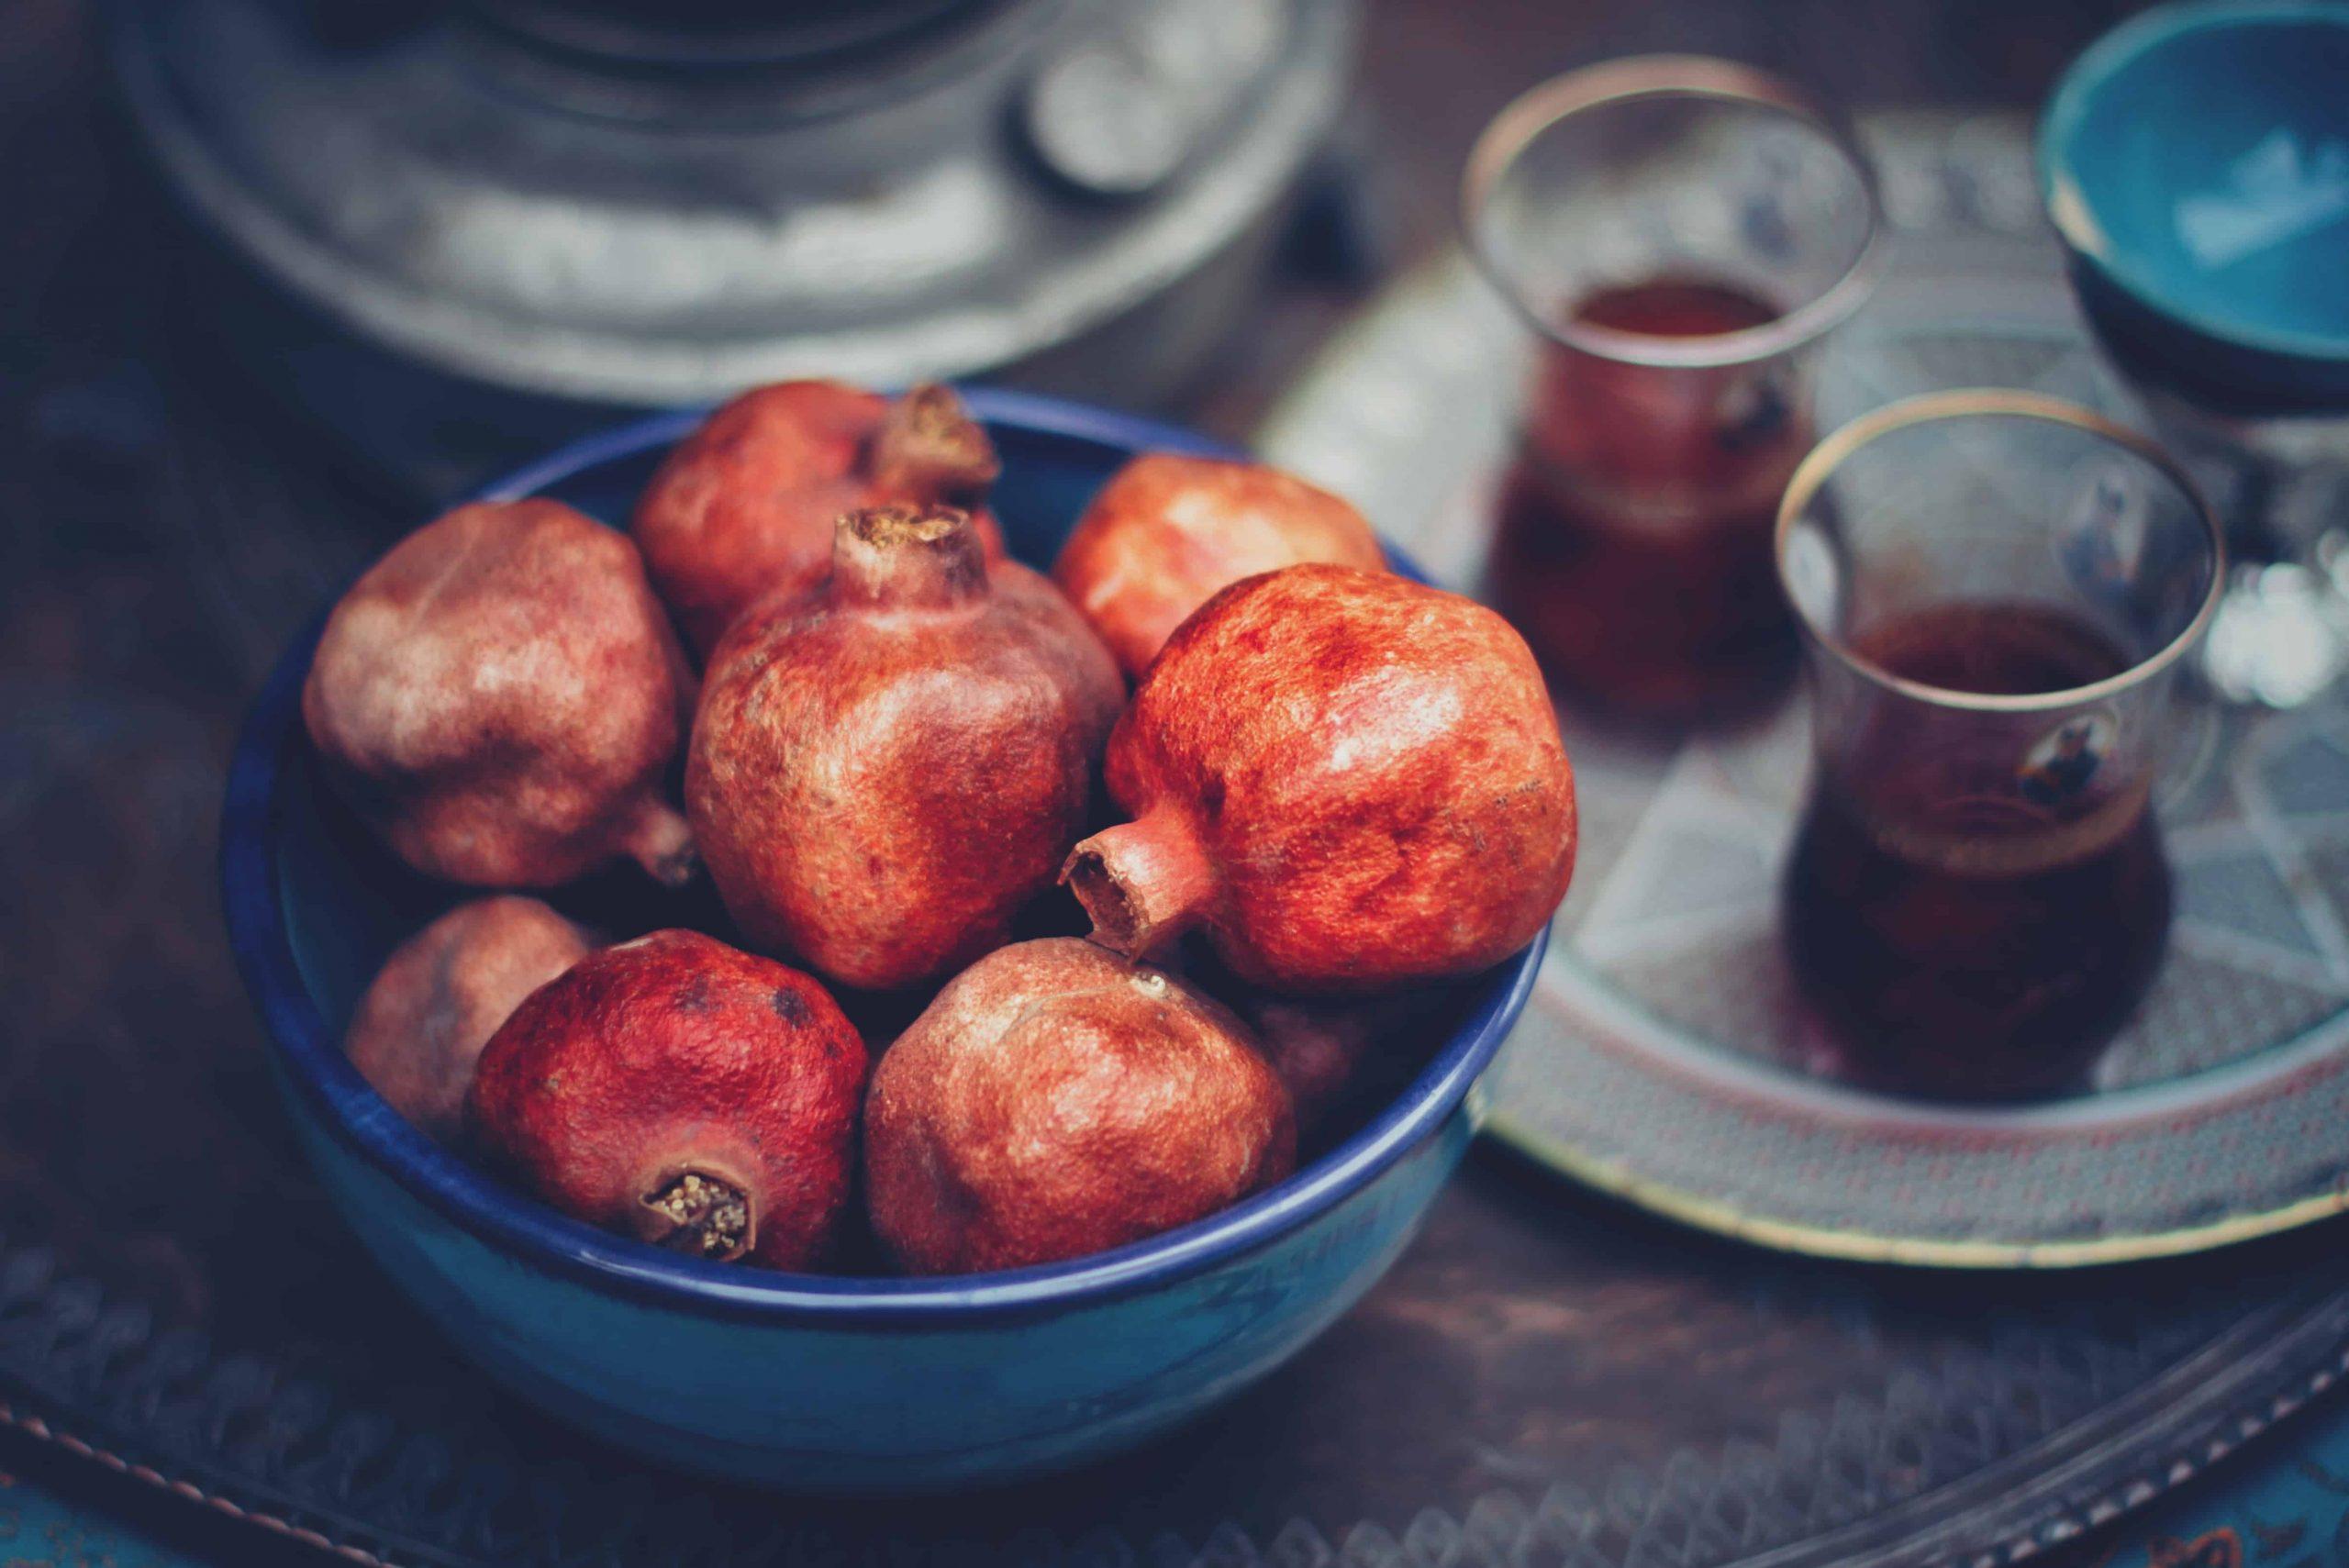 Obstschale mit Granatäpfeln